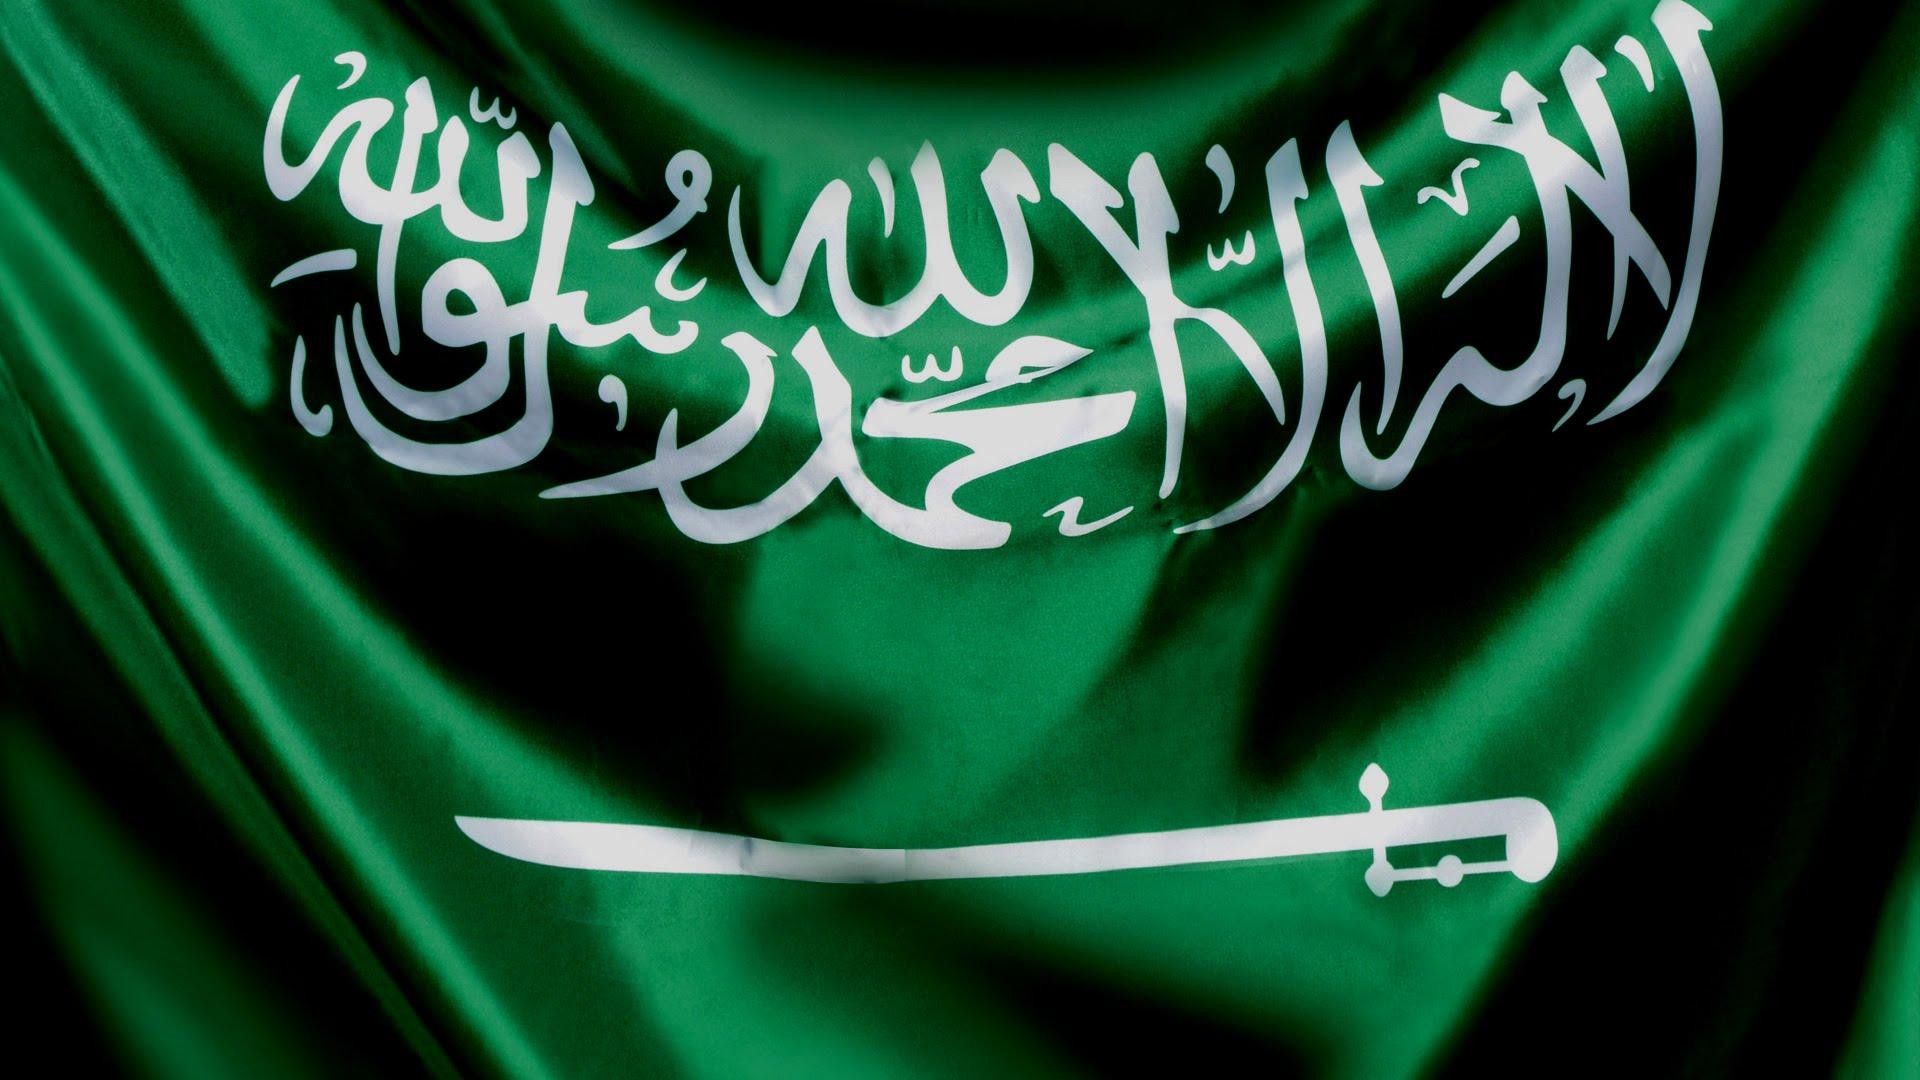 بالصور صور علم السعوديه , احدث صور لعلم دولة السعودية 3268 5